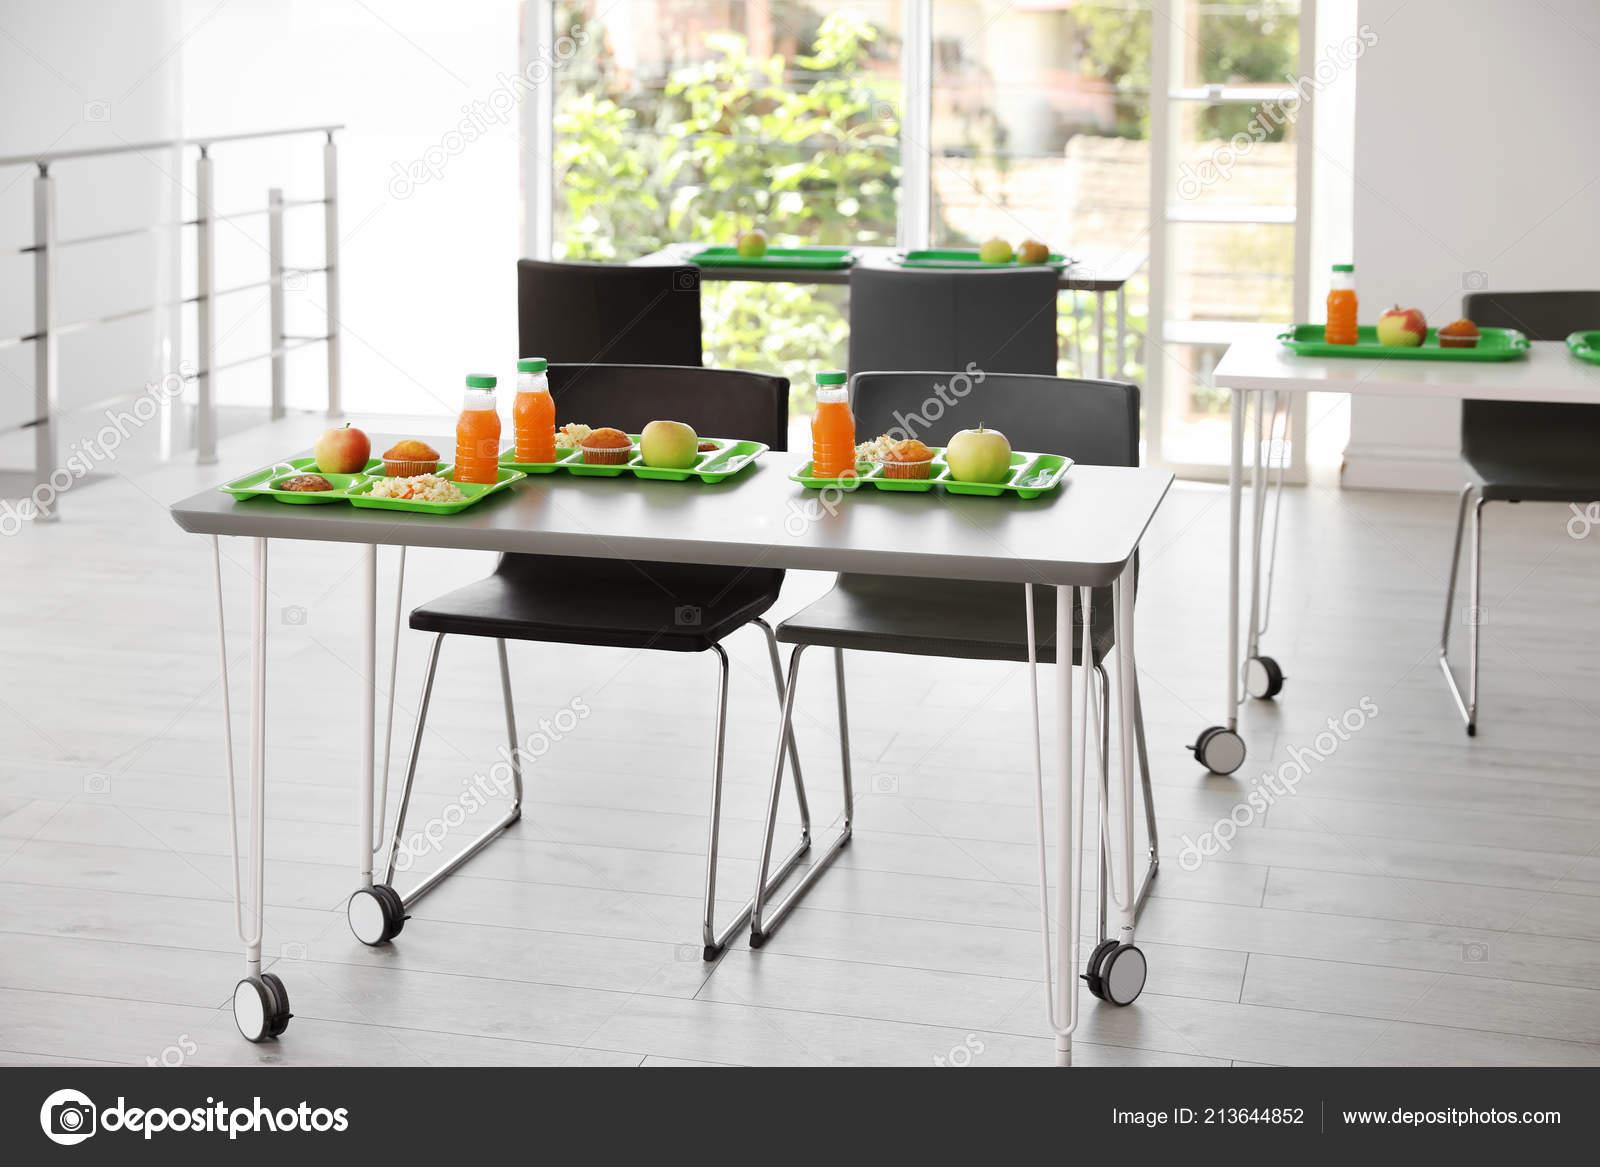 Bandejas Con Alimentos Sanos Mesa Comedor Escolar — Foto de stock ...